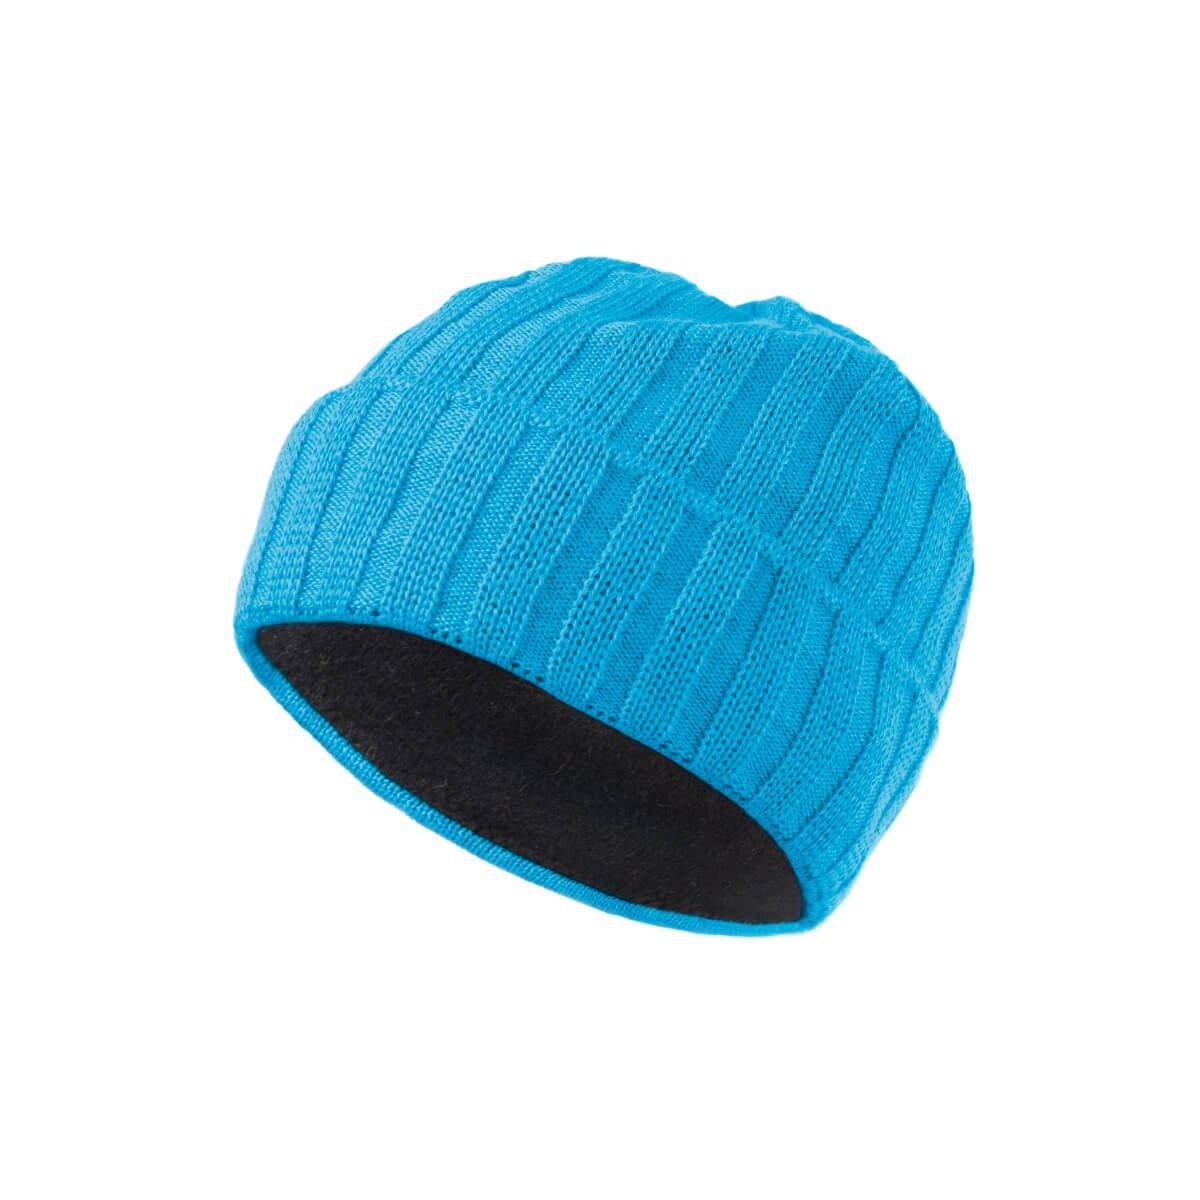 Detská čiapka Jukka Kids Beanie Blue Jewel S